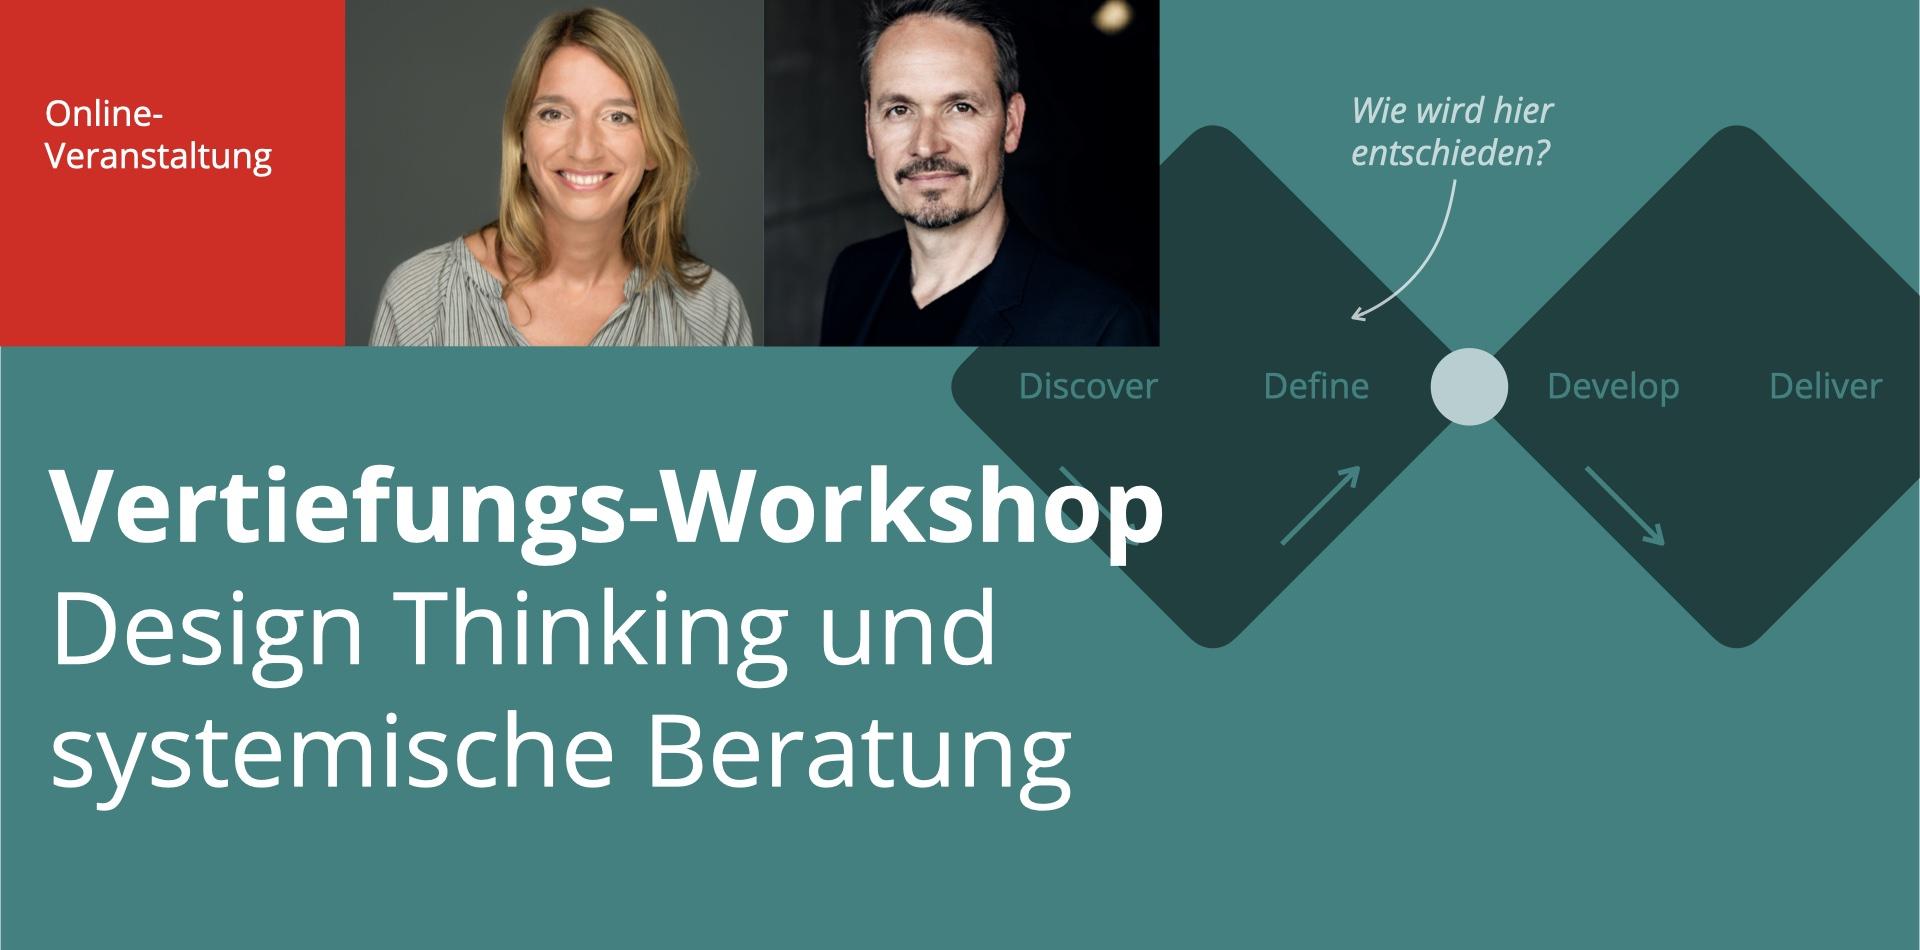 Vertiefungs-Workshop Design Thinking und Systemische Beratung